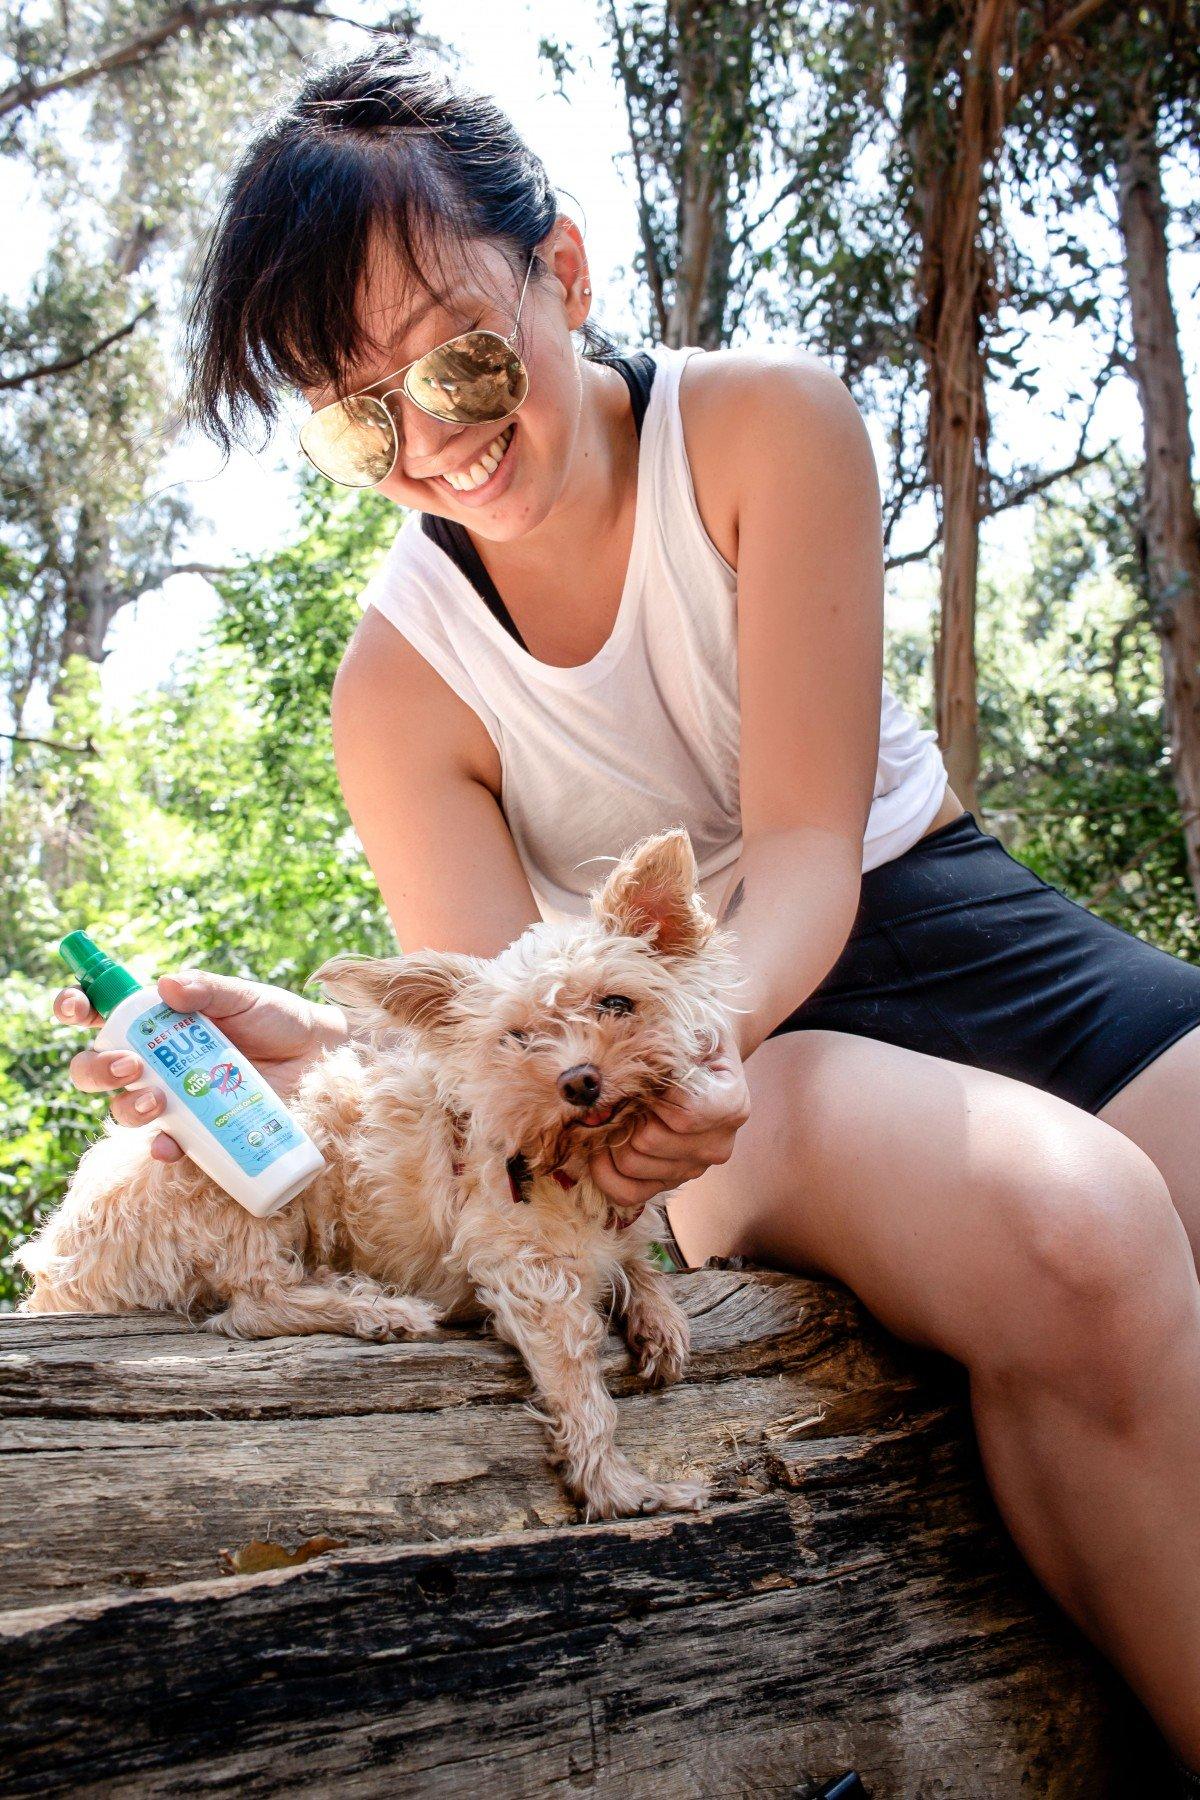 Greenerways organic natural bug repellent camping hiking